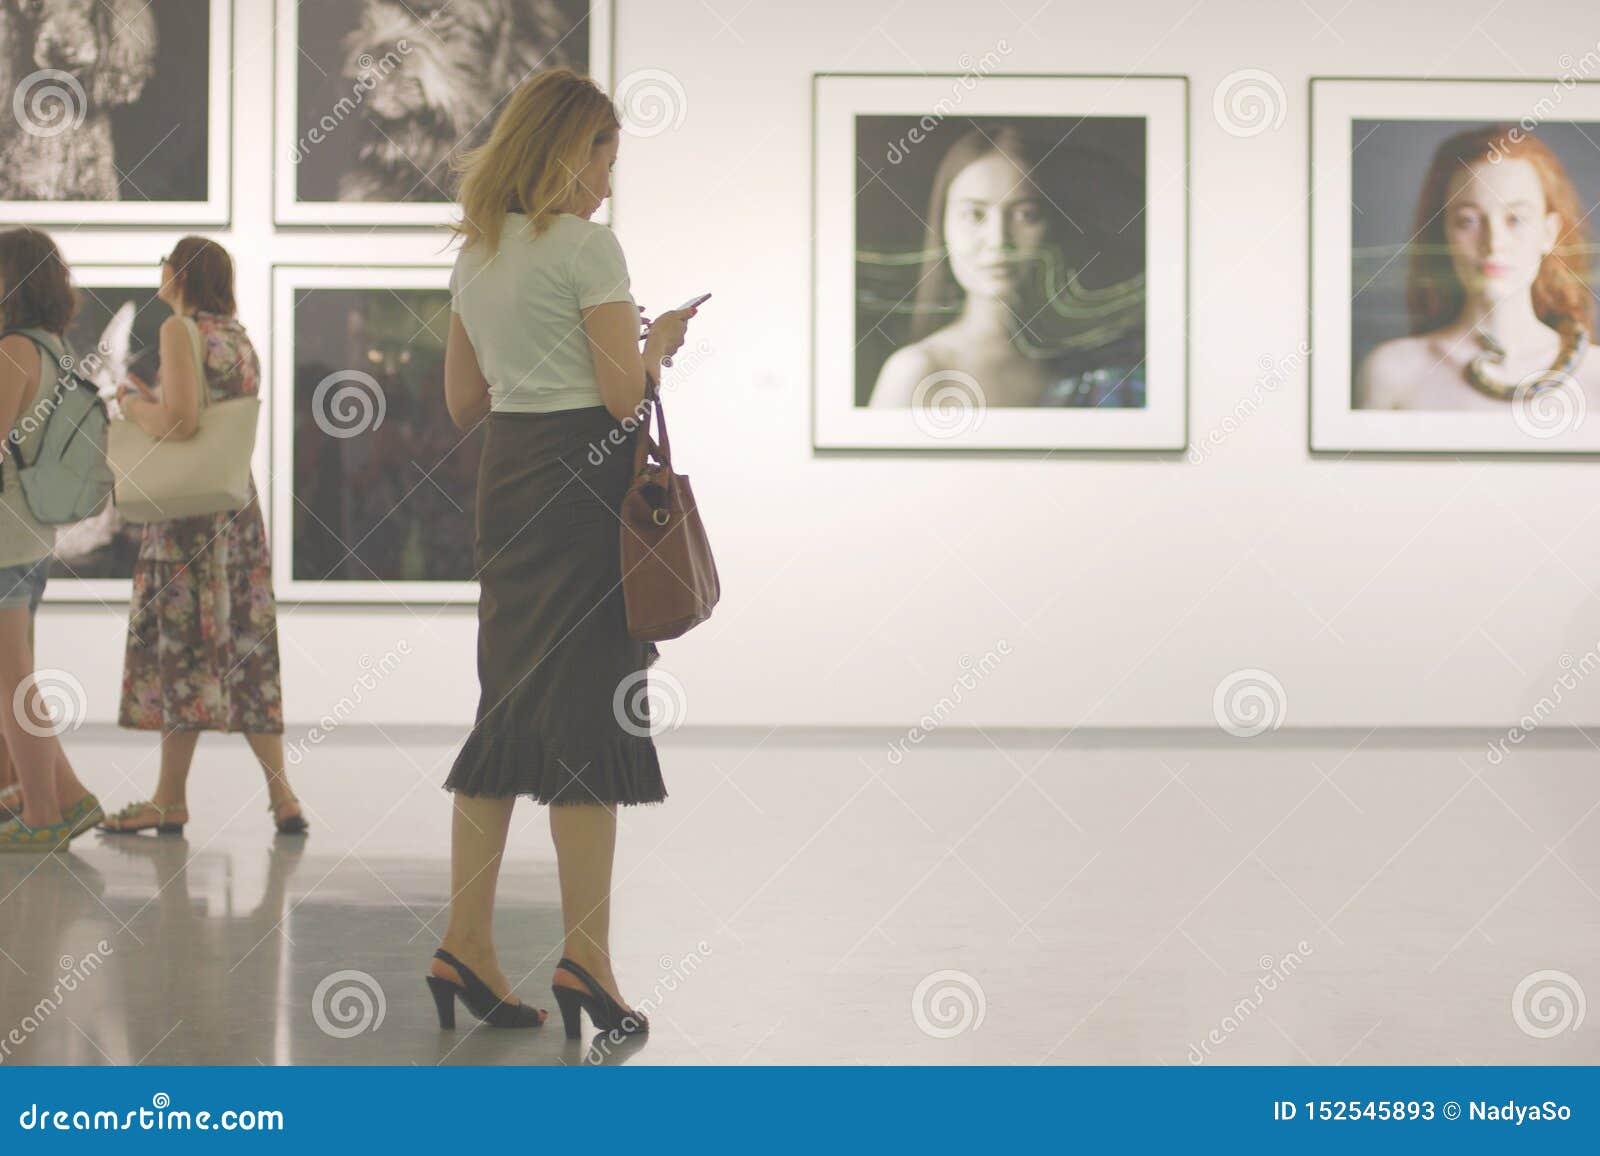 Idea del apego del teléfono móvil La mujer en galería de fotos no escucha pero con su smartphone